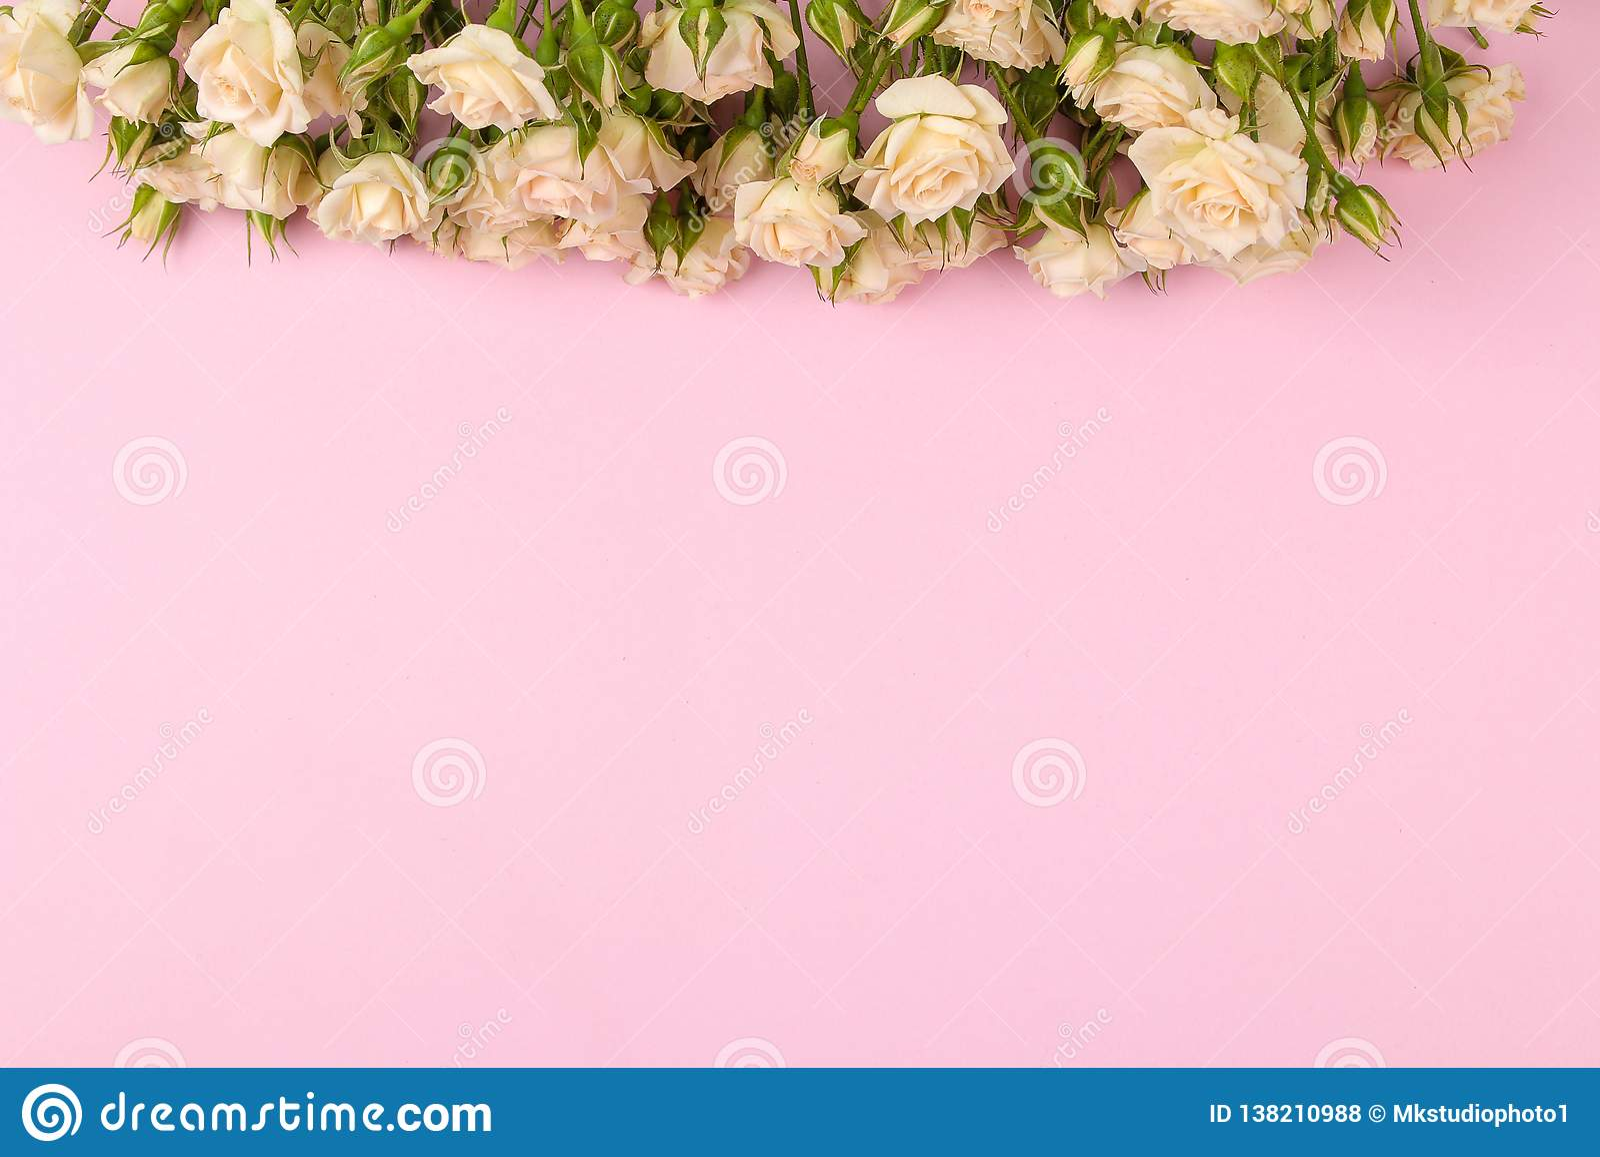 Рамка бежевых красивых мини роз на яркой розовой предпосылке праздники установьте текст Взгляд сверху